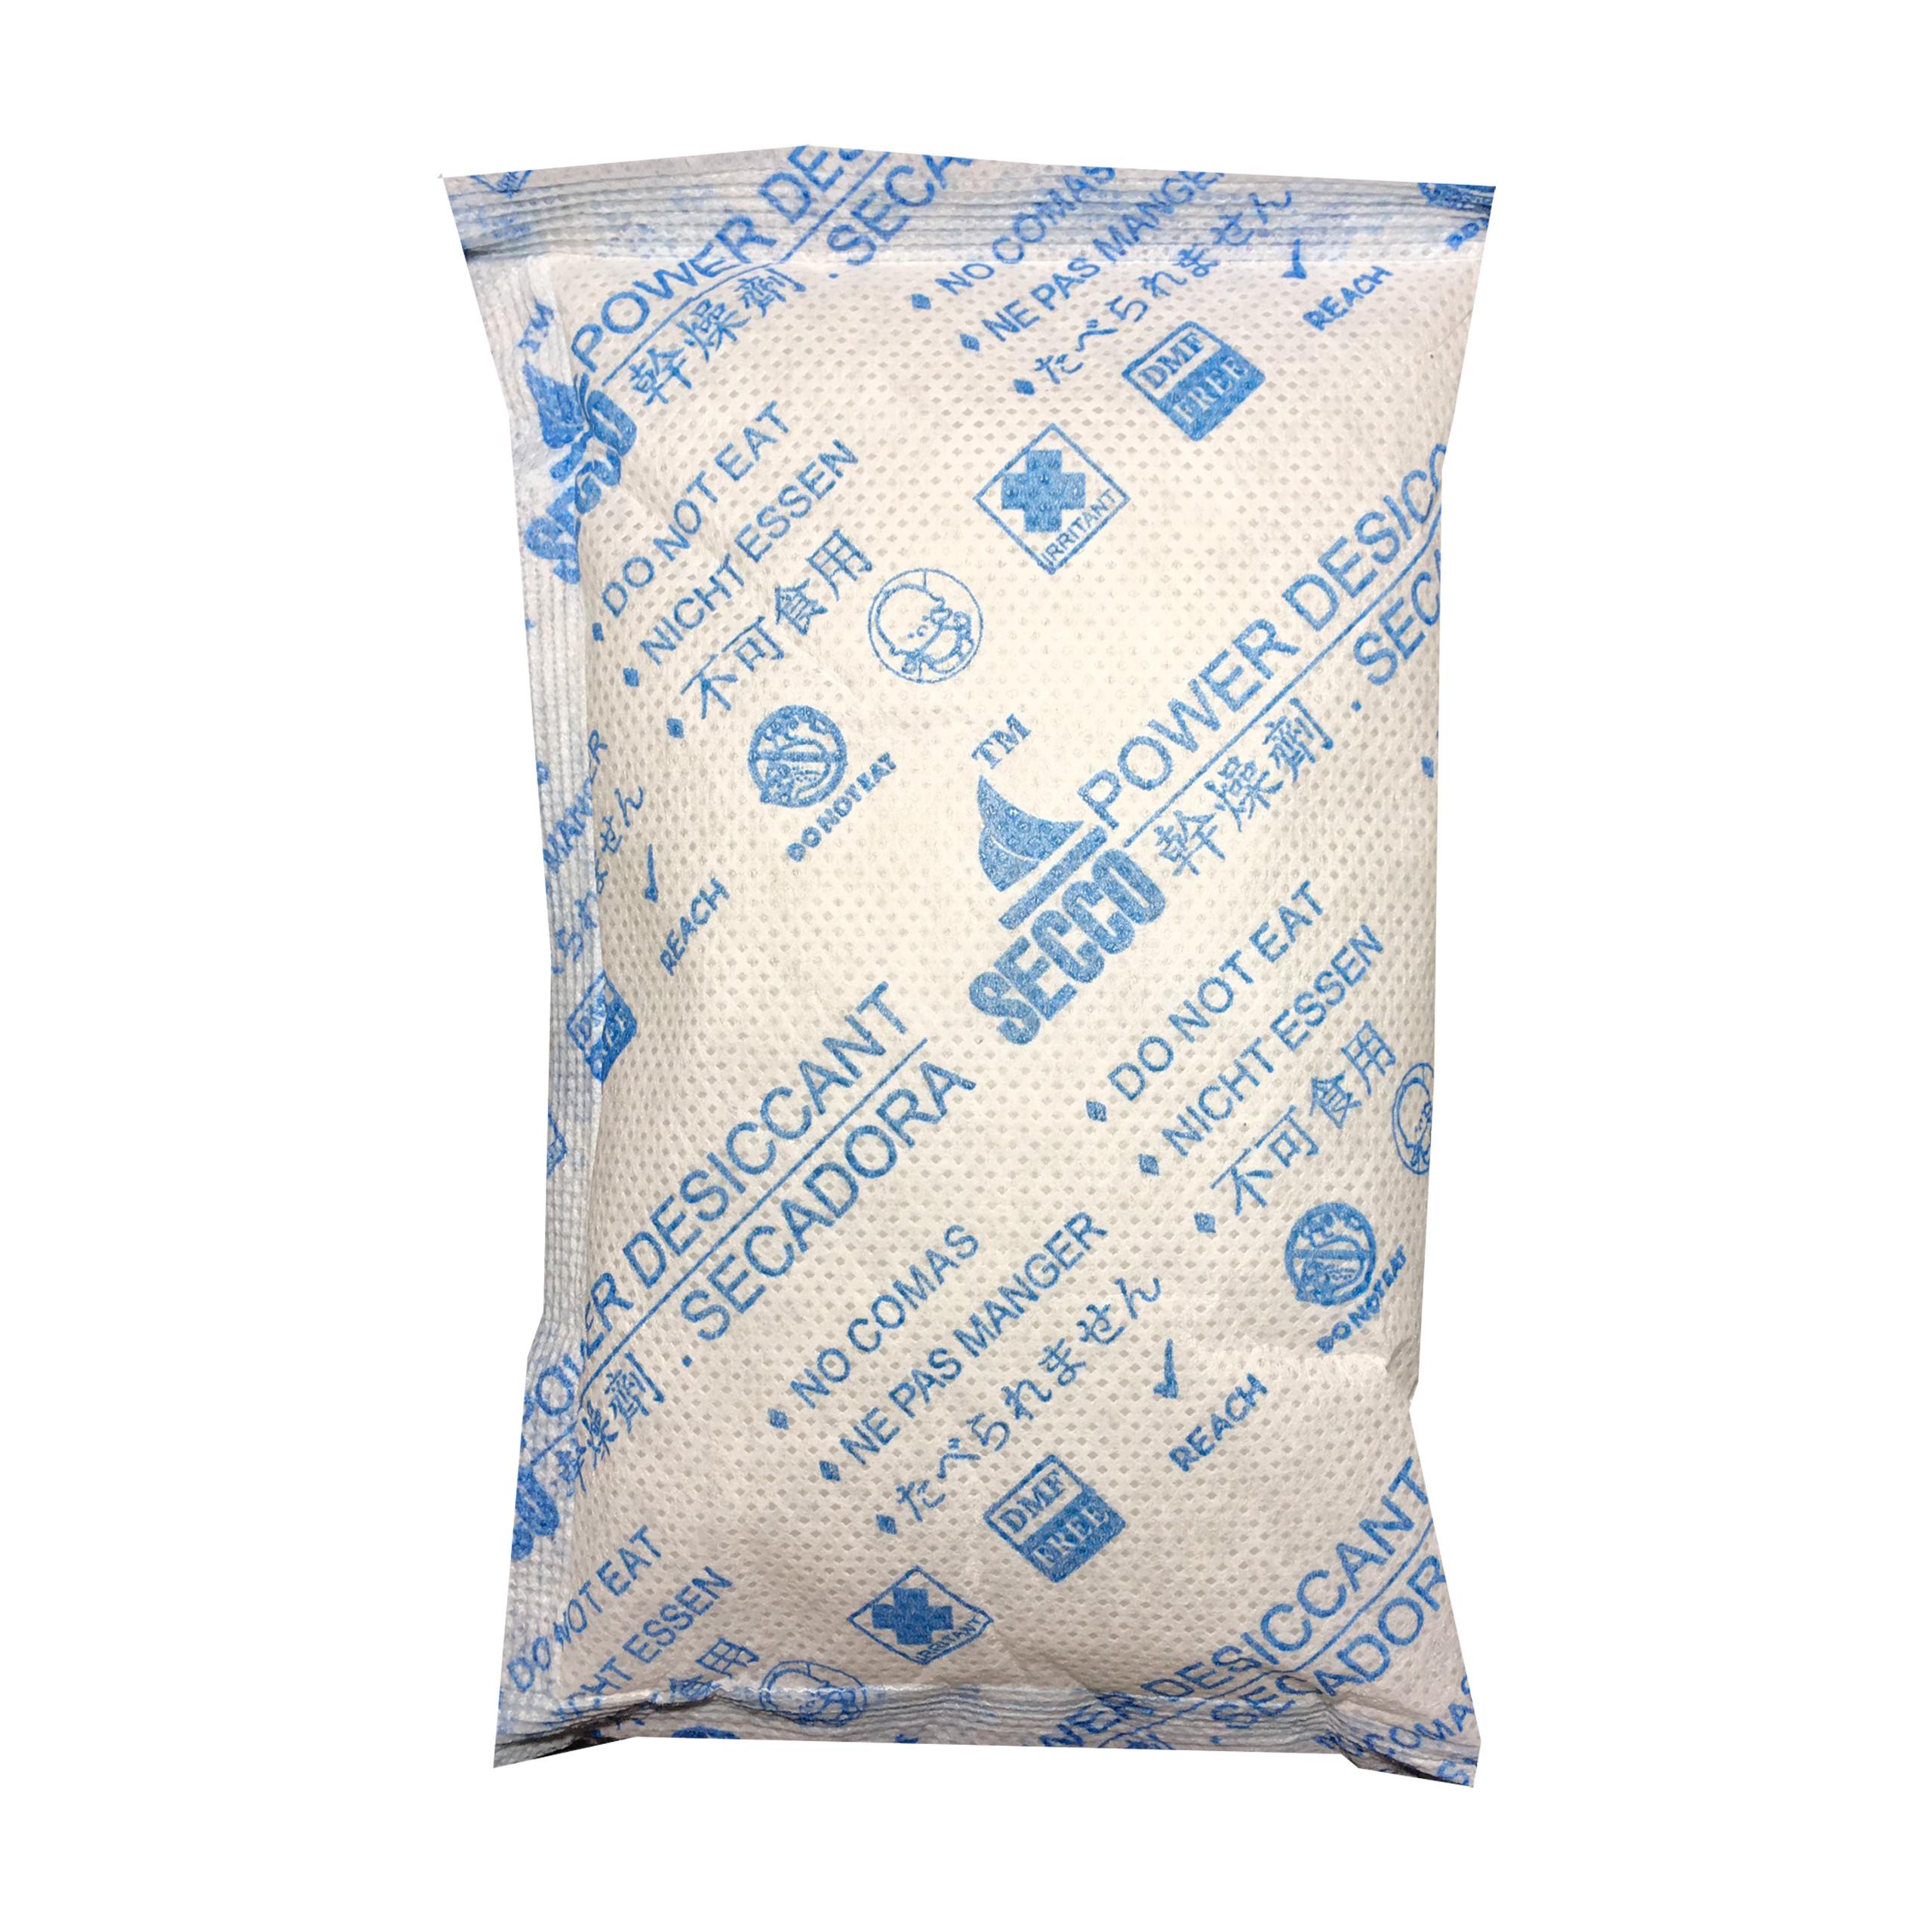 Gói hút ẩm Secco silica gel 100gr  - 1kg(10 gói) - bảo quản thiết bị điện tử, máy ảnh không ẩm móc - Chính hãng - Vải trắng - Chữ to xanh 2 mặt.